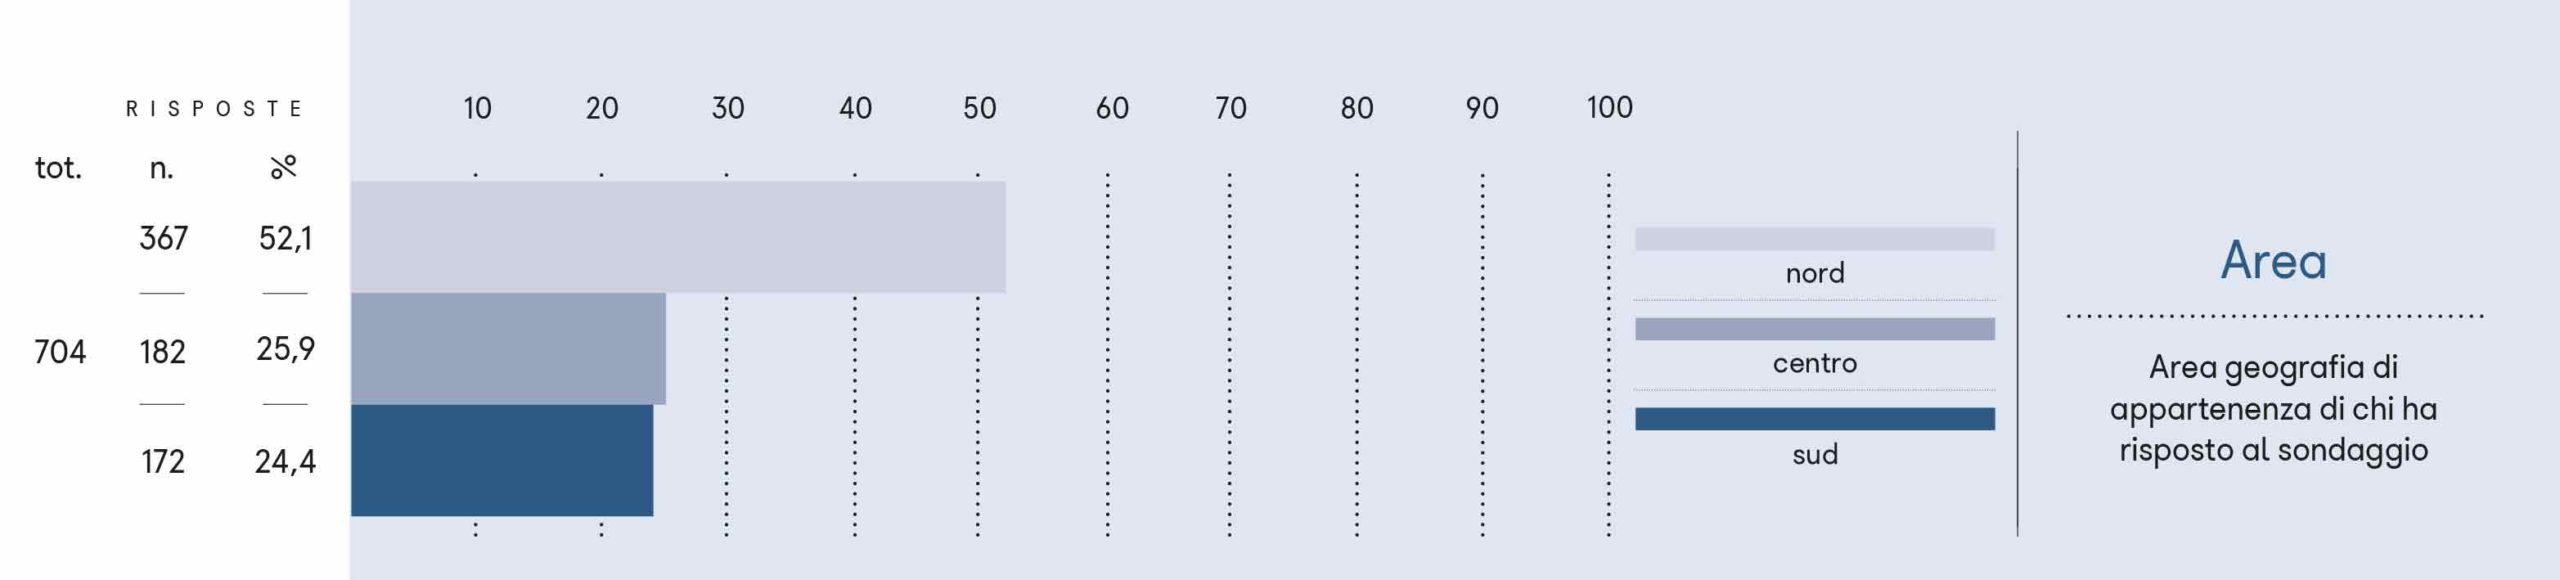 Area geografia di appartenenza di chi ha risposto al sondaggio.